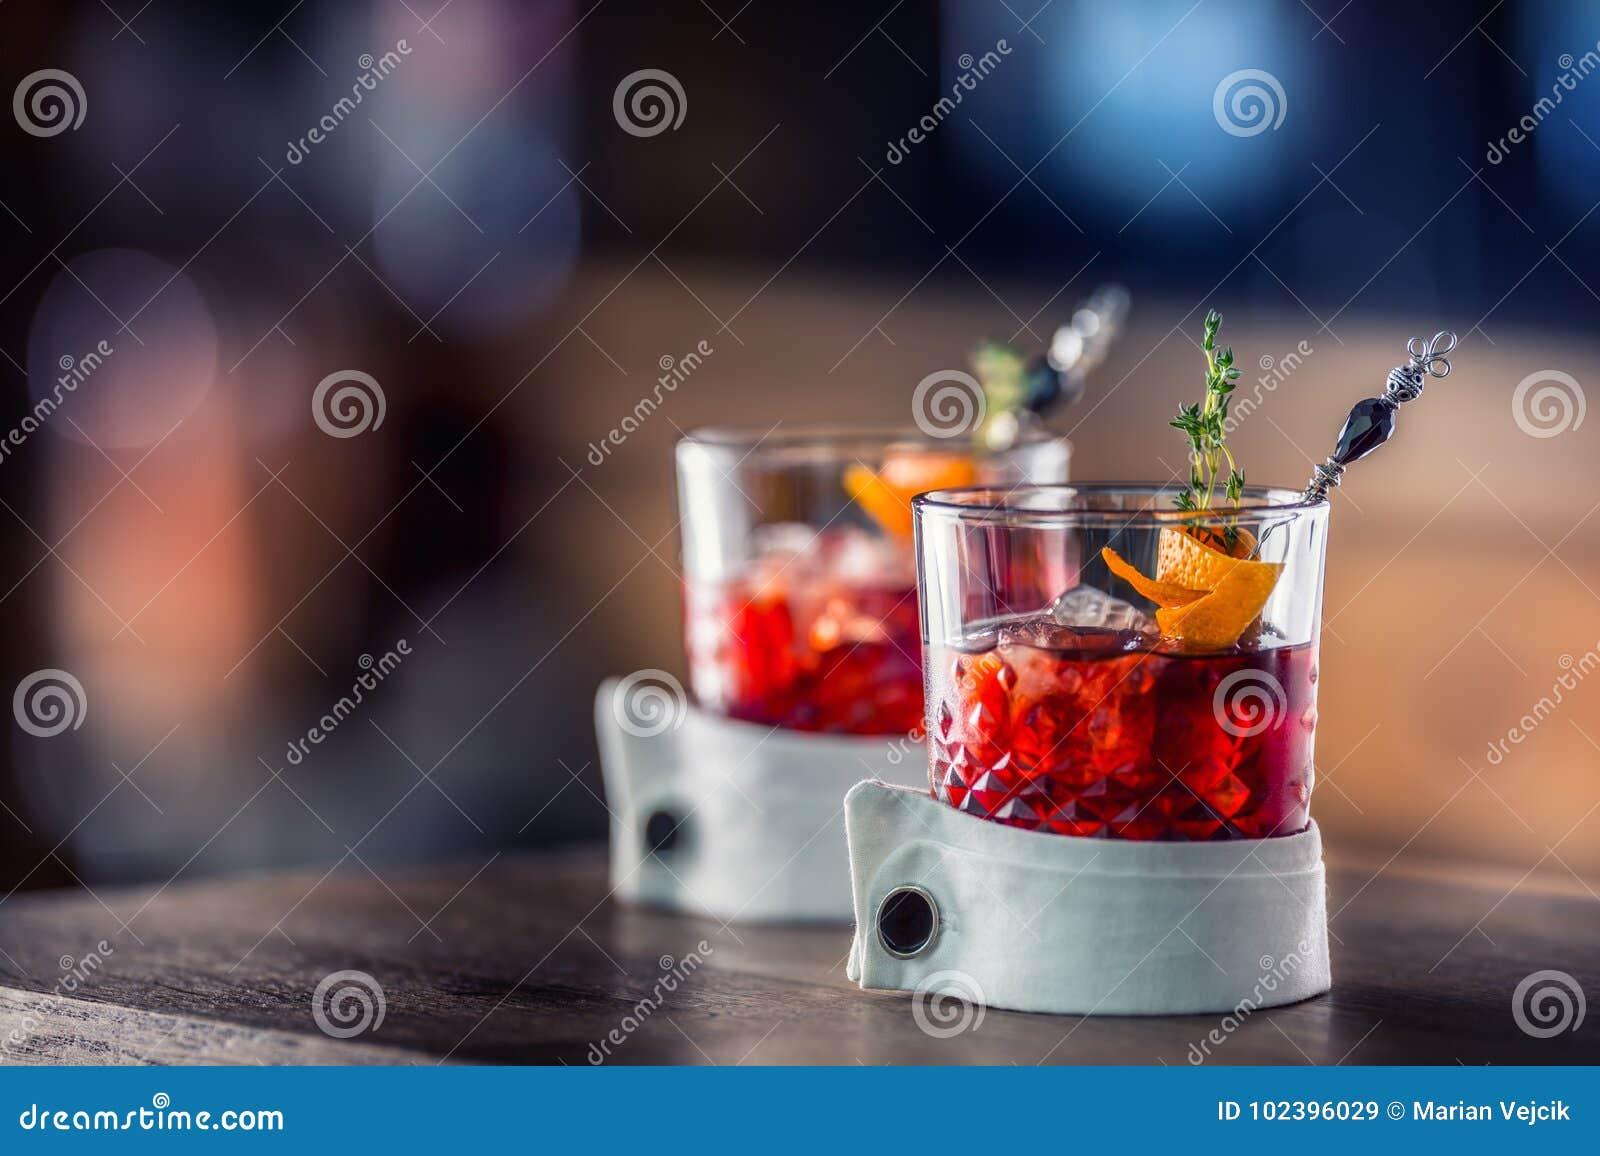 Χυμός κοκτέιλ με τα φρούτα πάγου και τη διακόσμηση χορταριών Οινοπνευματώδες, μη οινοπνευματούχο ποτό-ποτό στο μετρητή φραγμών στ